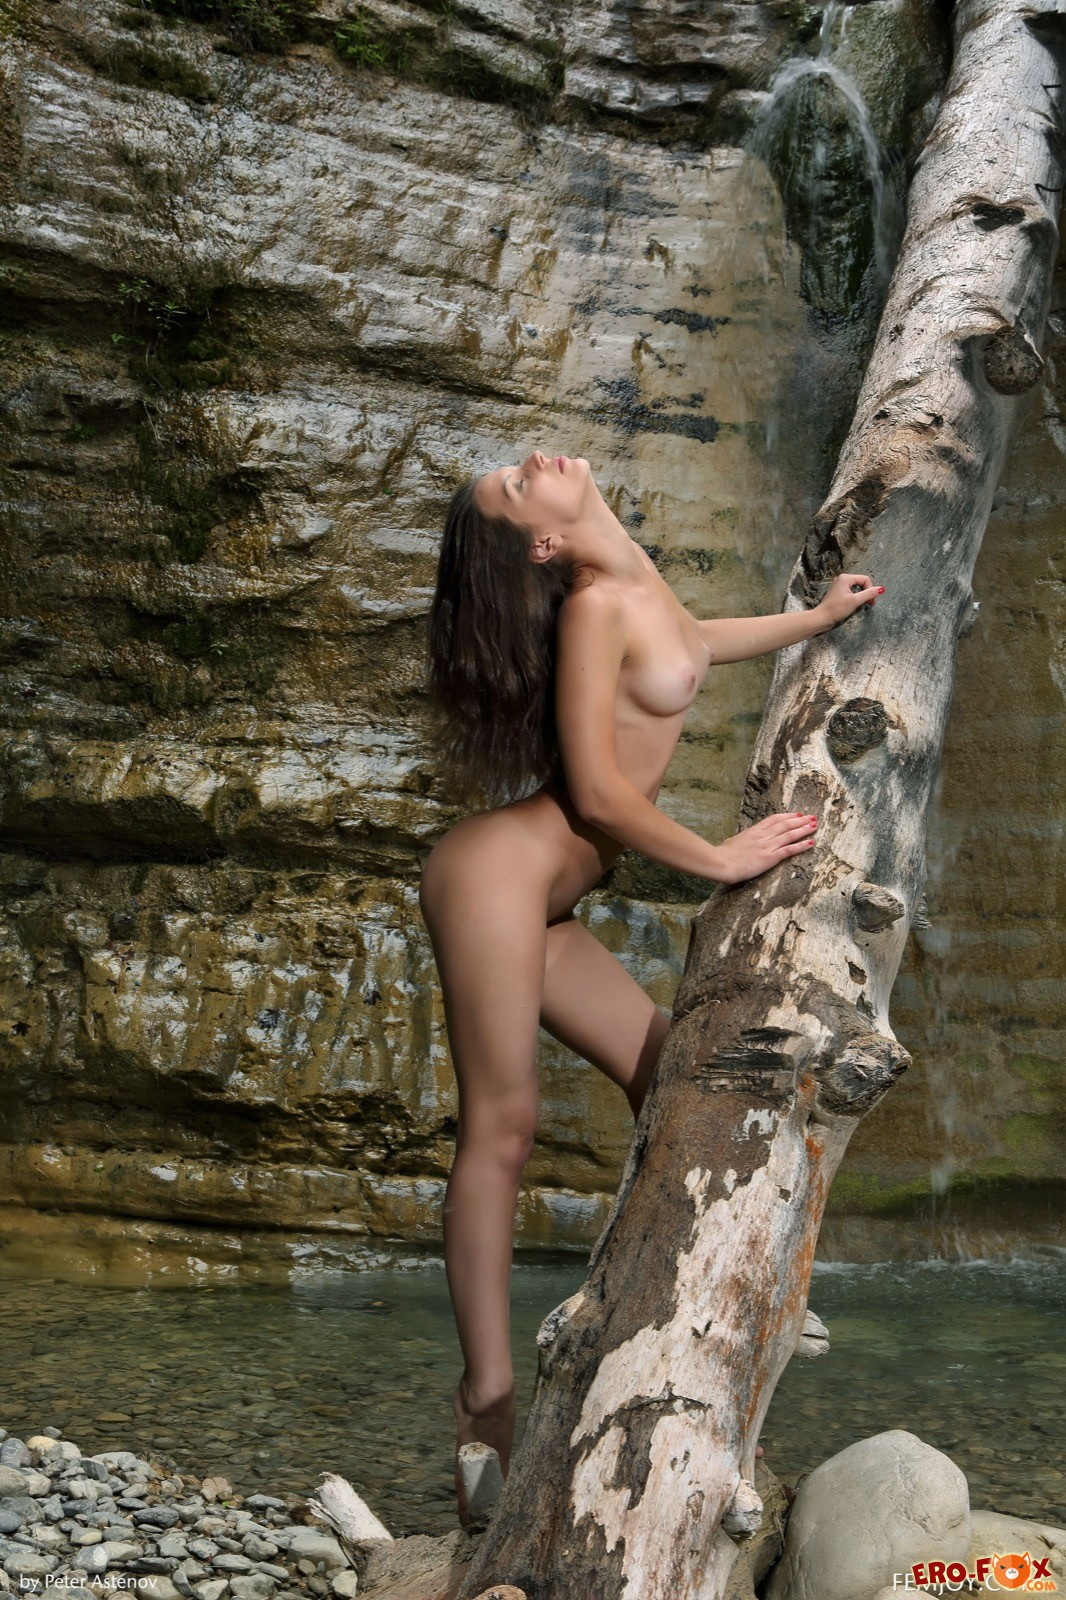 Голая девушка с накаченной попкой у водопада